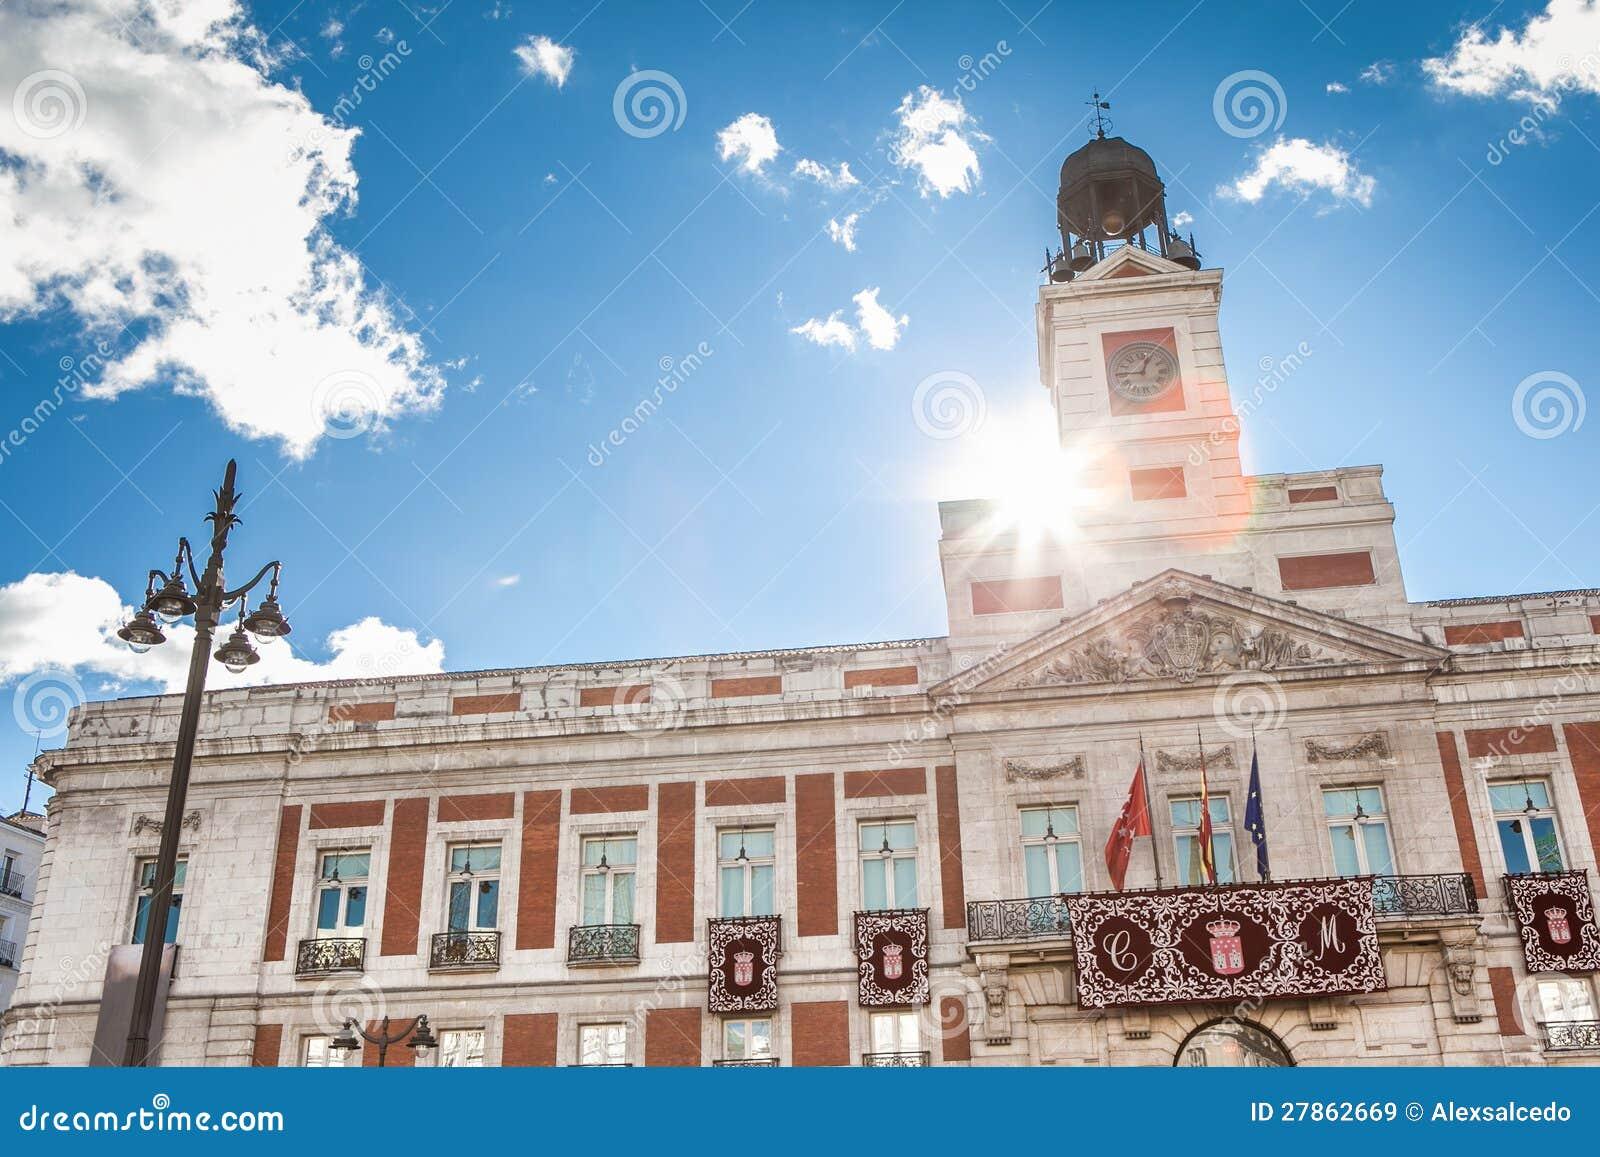 Puerta del sol royalty free stock images image 27862669 for Casa de correos madrid